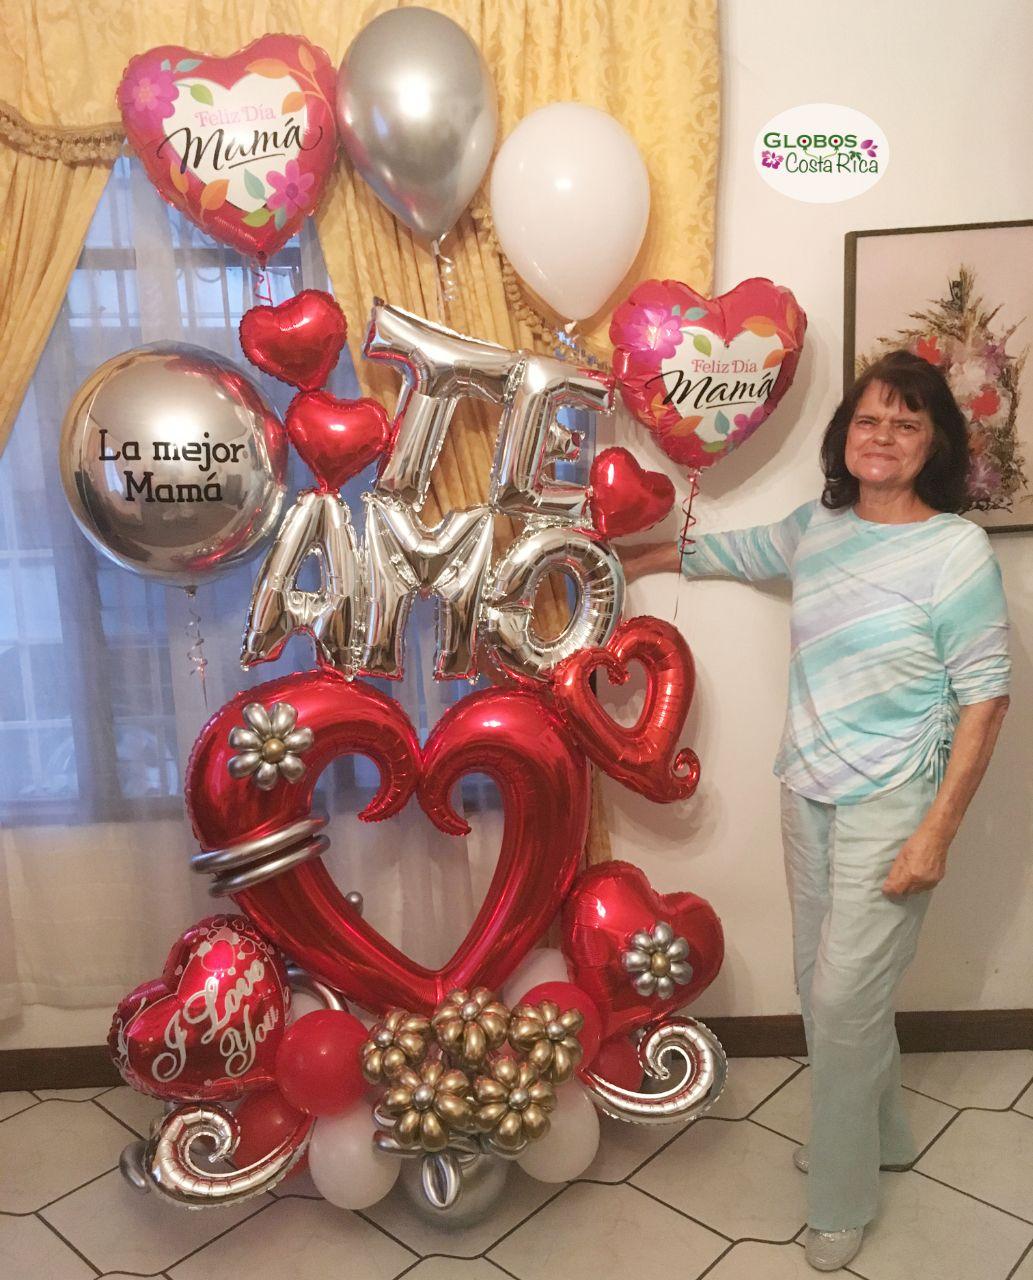 La Mejor Mamá Decoración Con Globos Cumpleaños Decoración Con Globos Globos